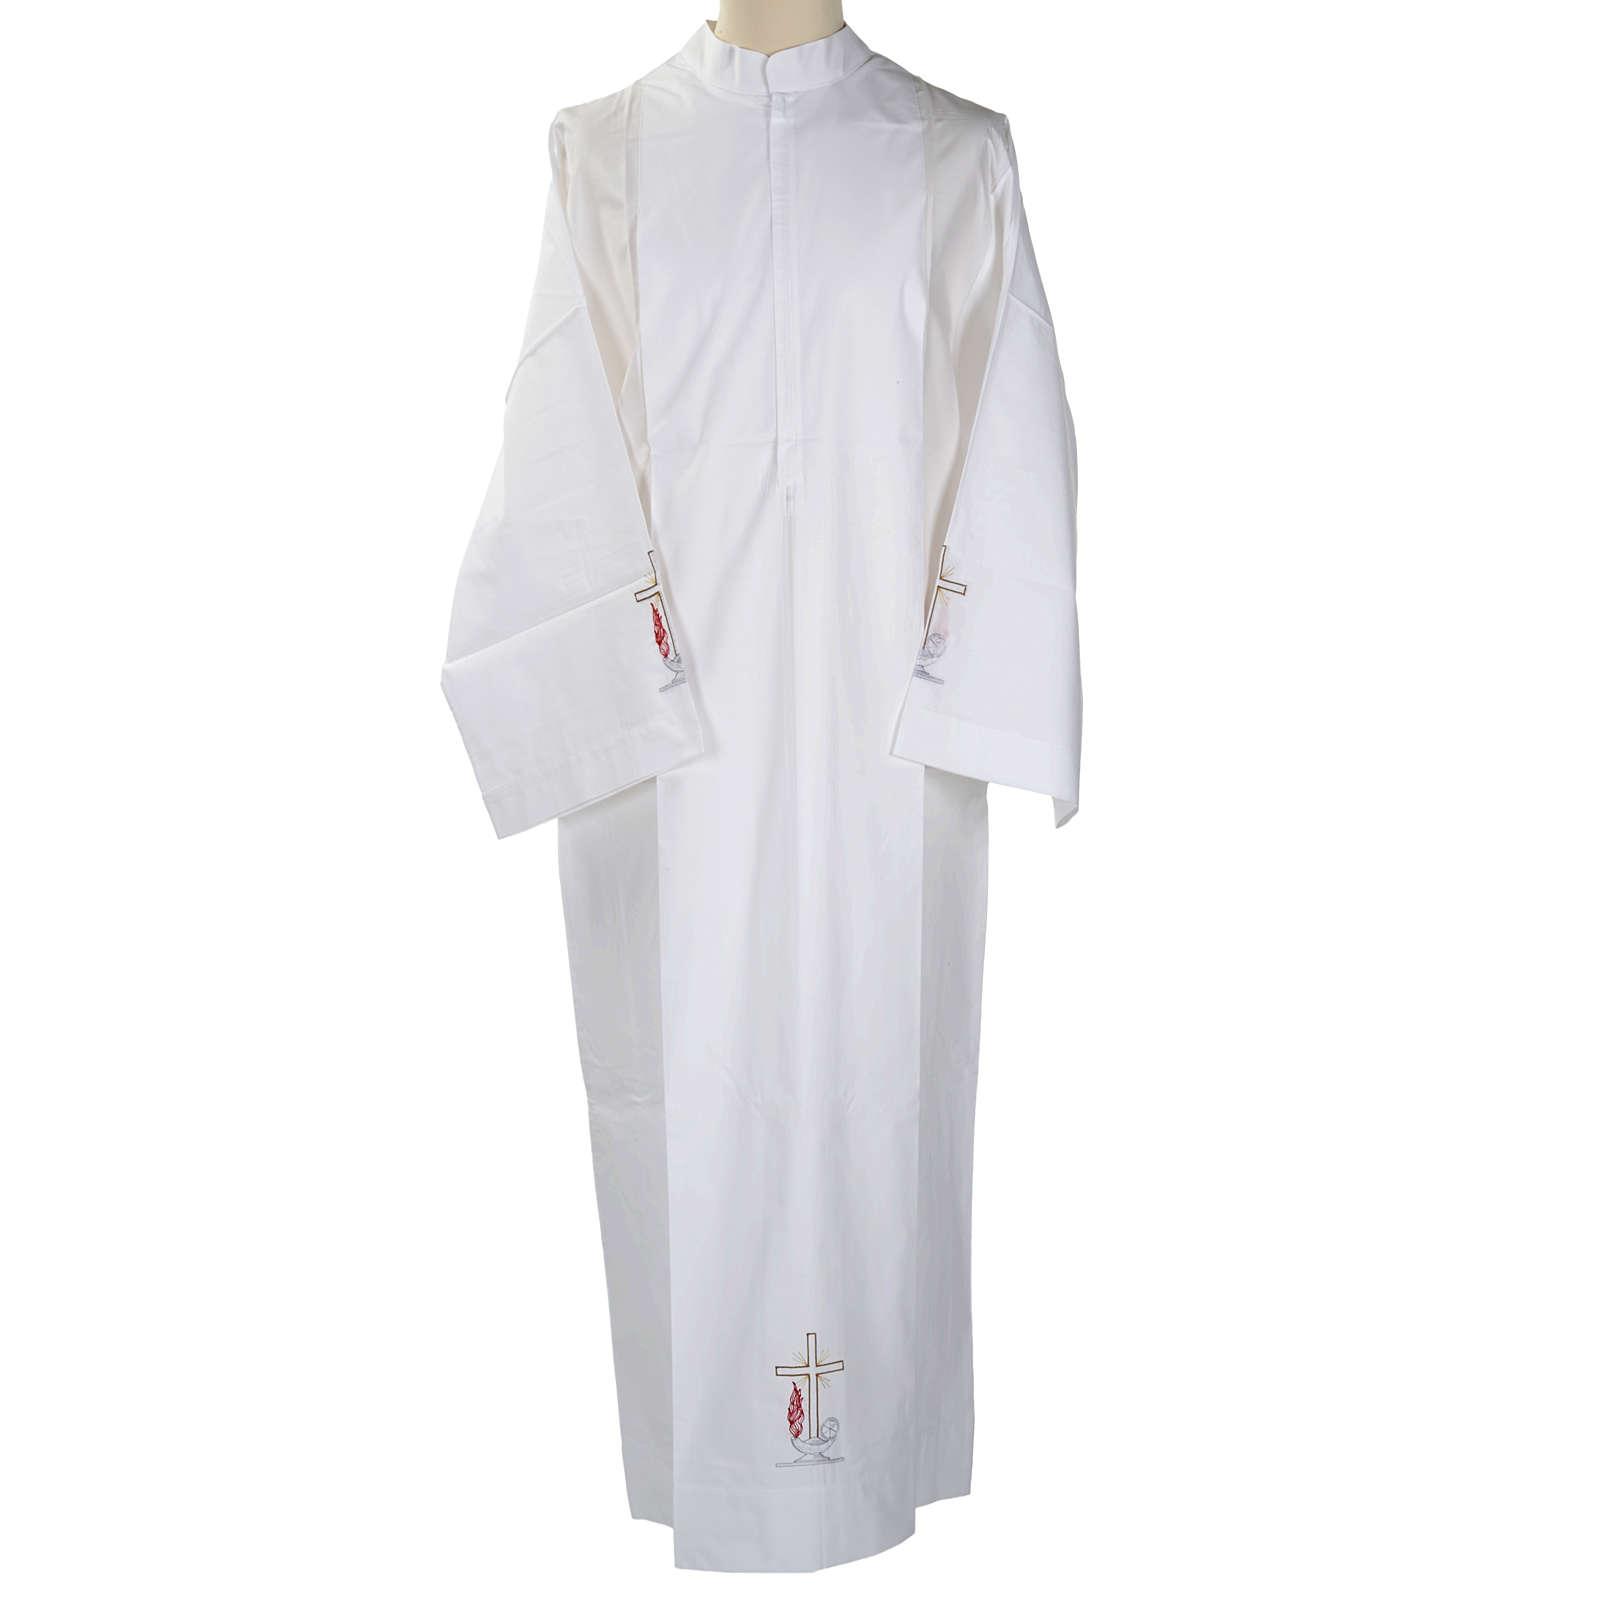 Camice bianco cotone croce e lampada 4